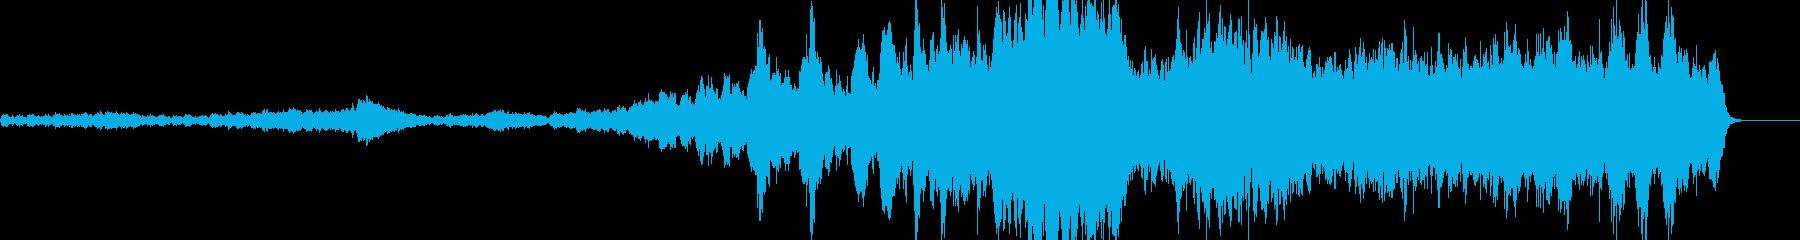 壮大な宇宙を感じるクラシック曲の再生済みの波形